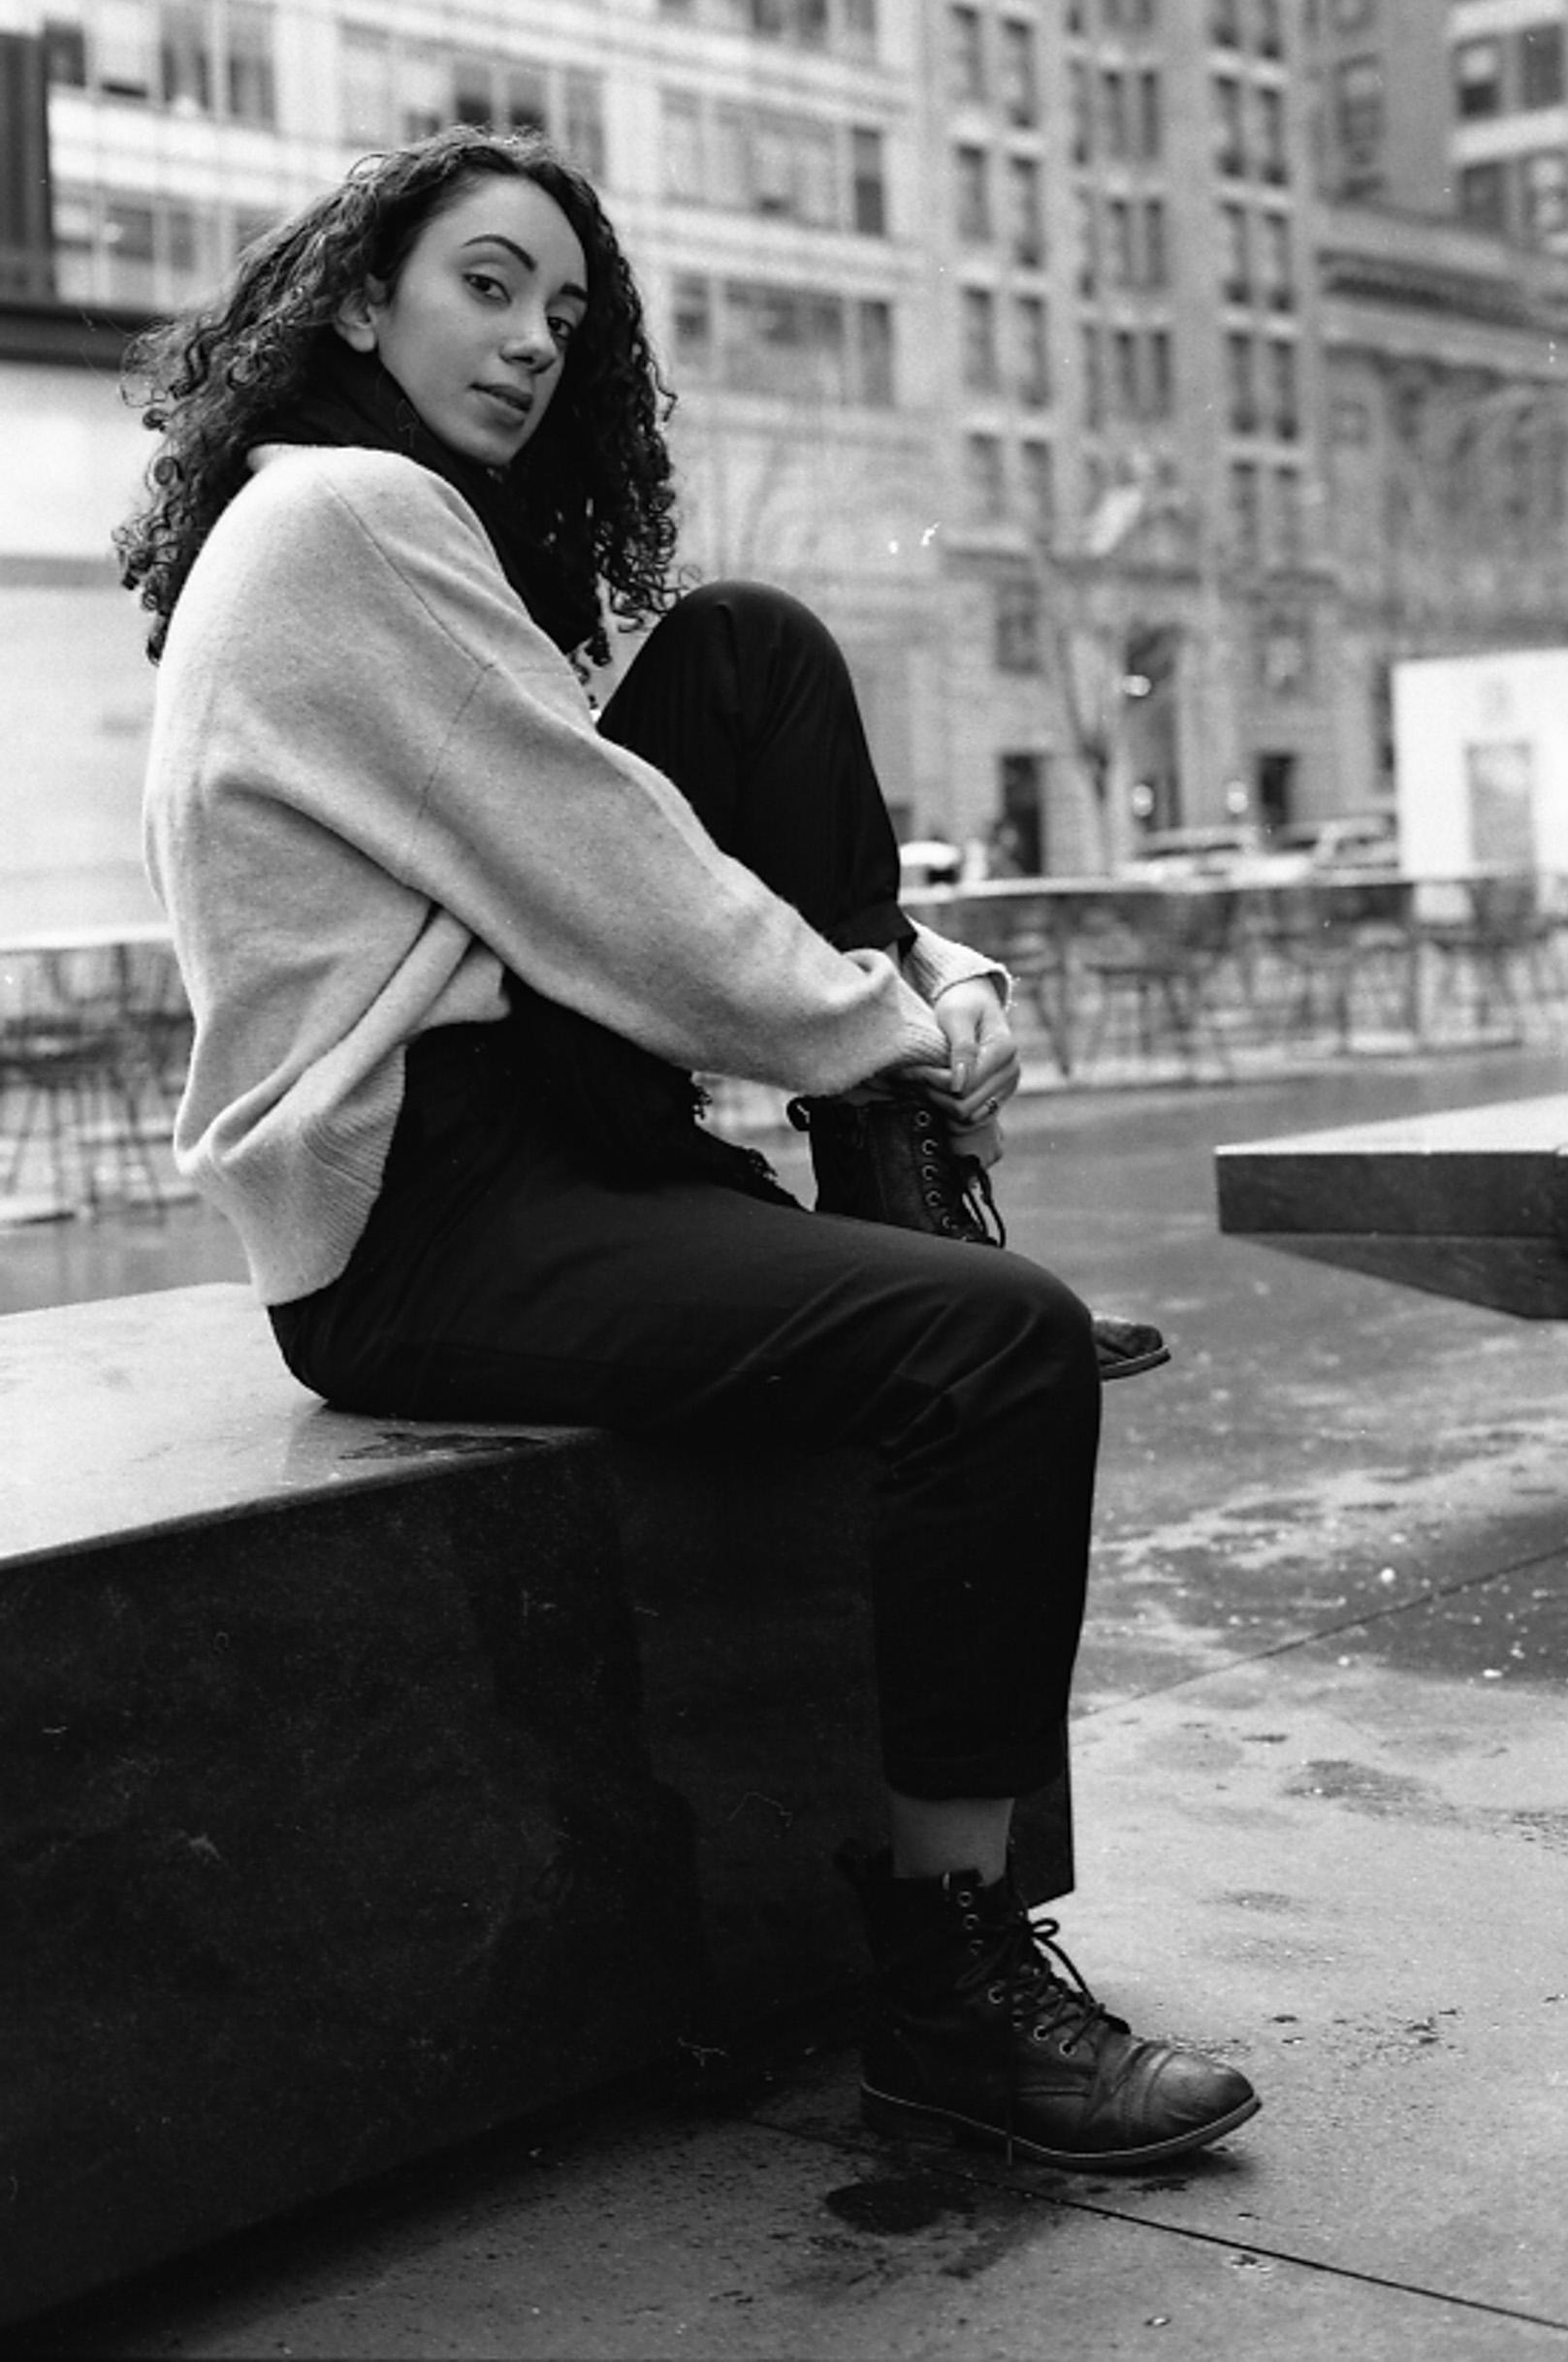 020319-street-portraits-lisette-melendez-across-100-5-copy.jpg